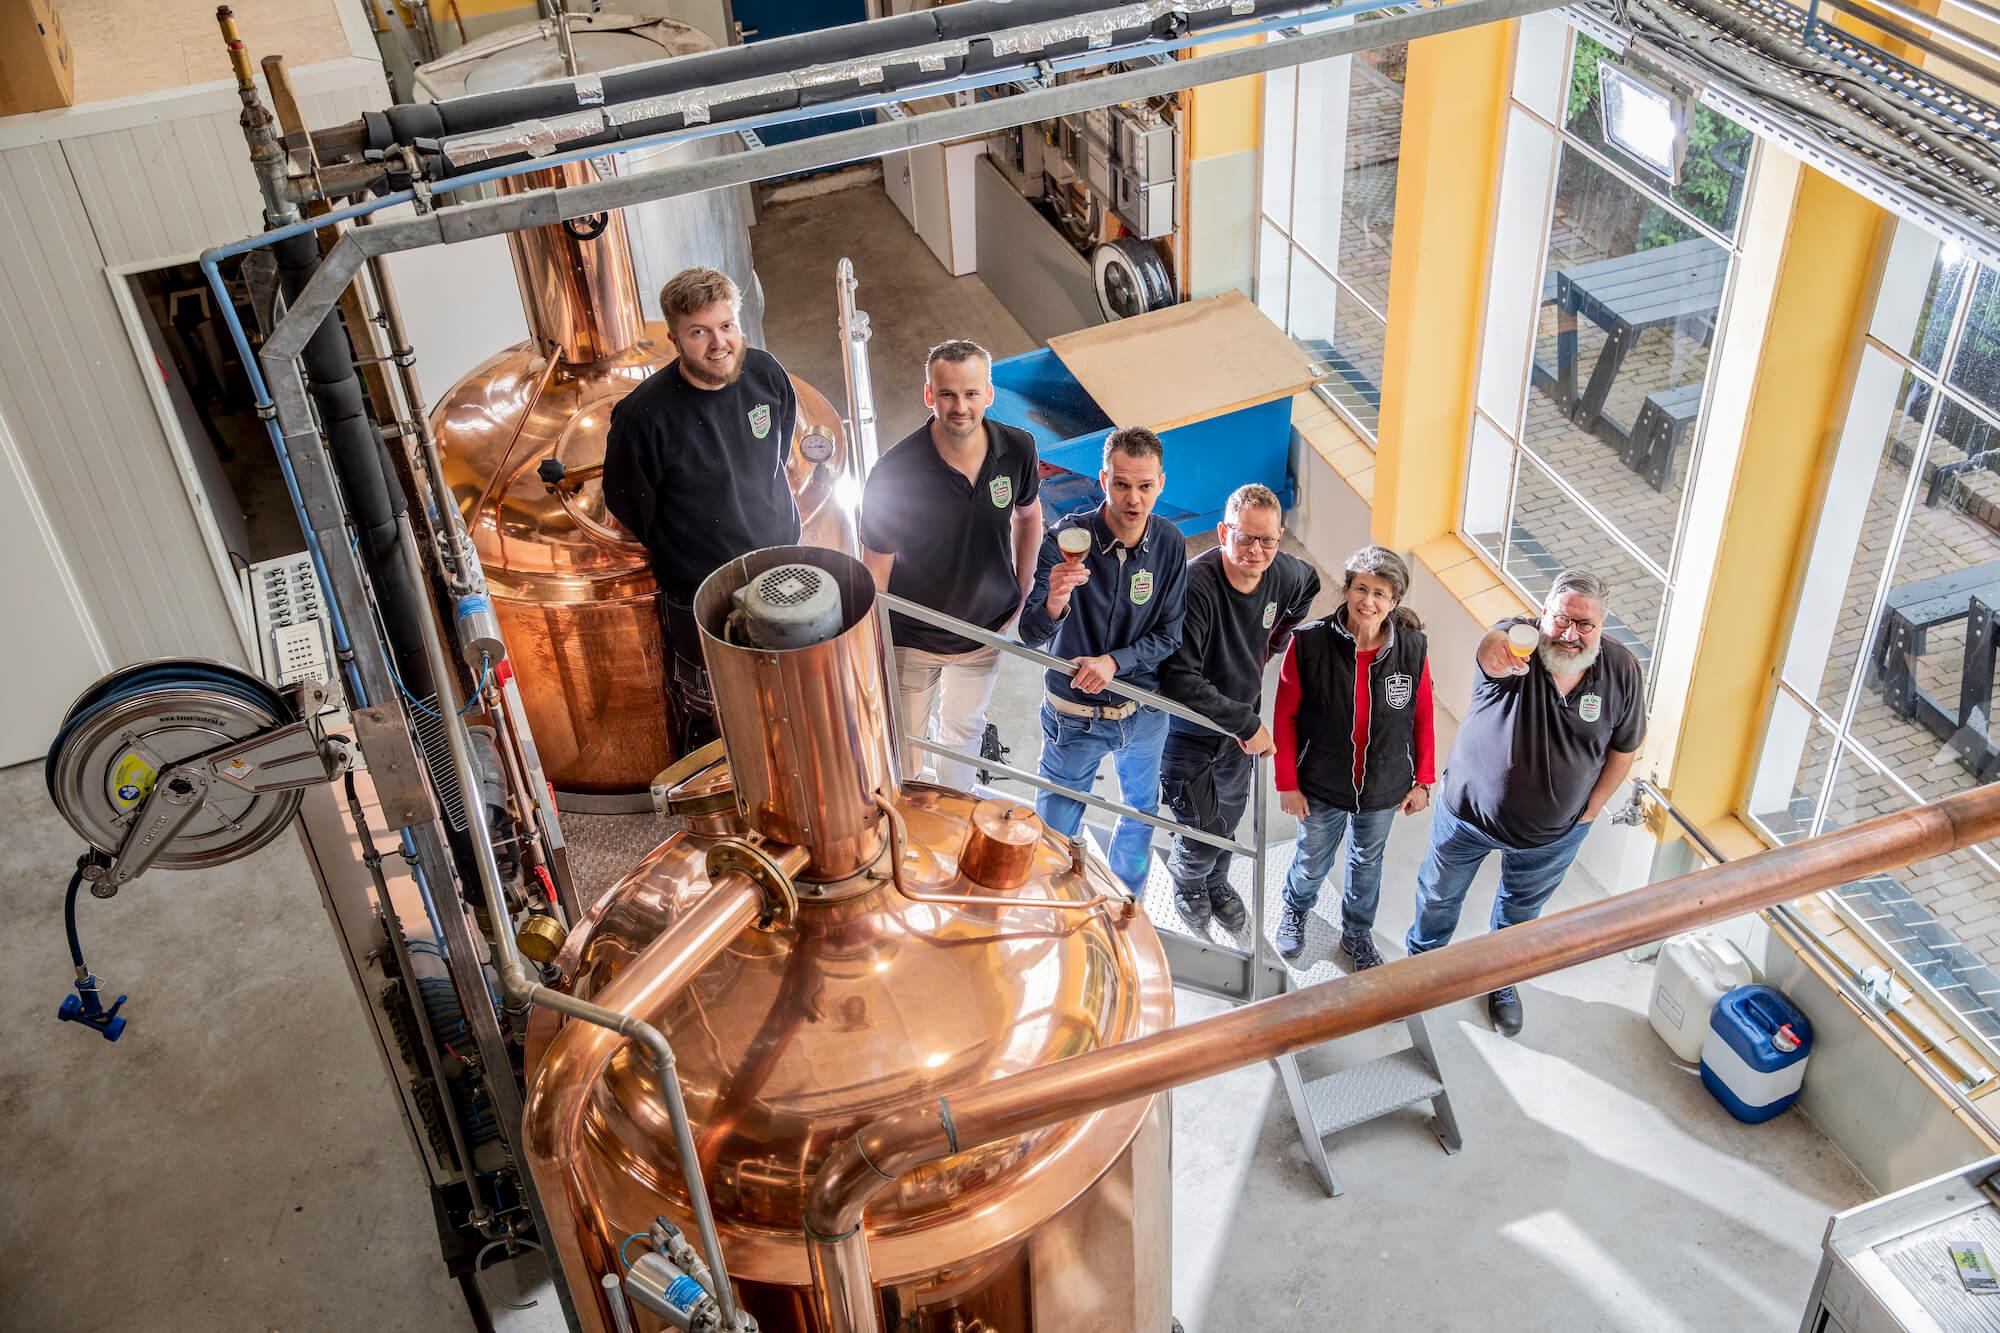 Apeldoornse Bierbrouwerij De Vlijt